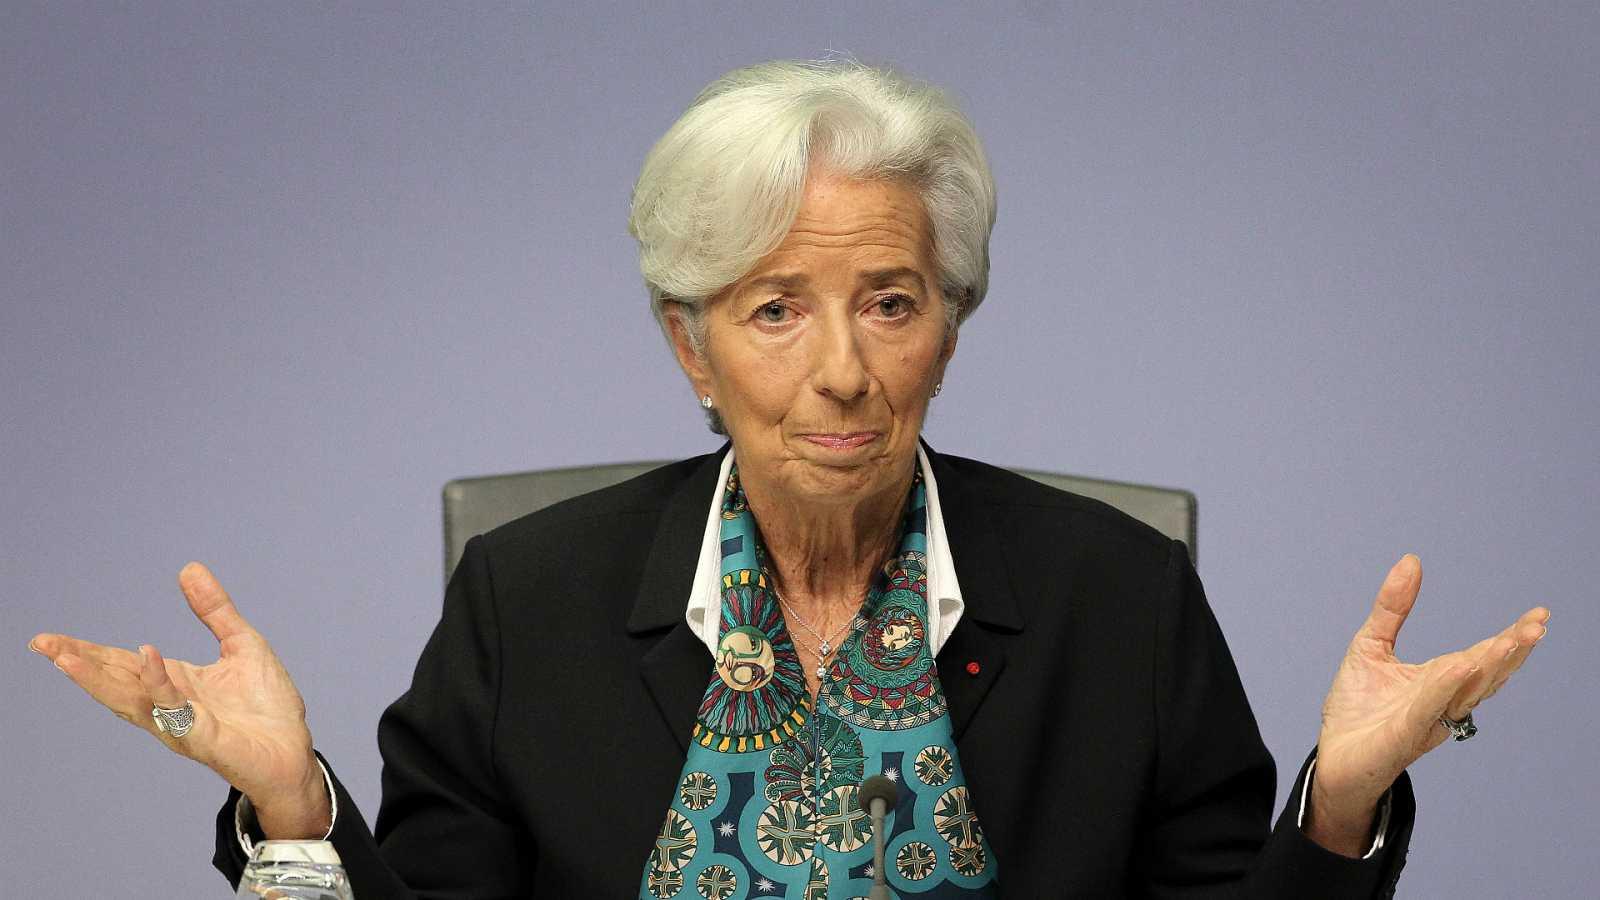 14 horas - El BCE empeora sus previsiones y calcula que la eurozona caerá al menos un 8% este año - Escuchar ahora